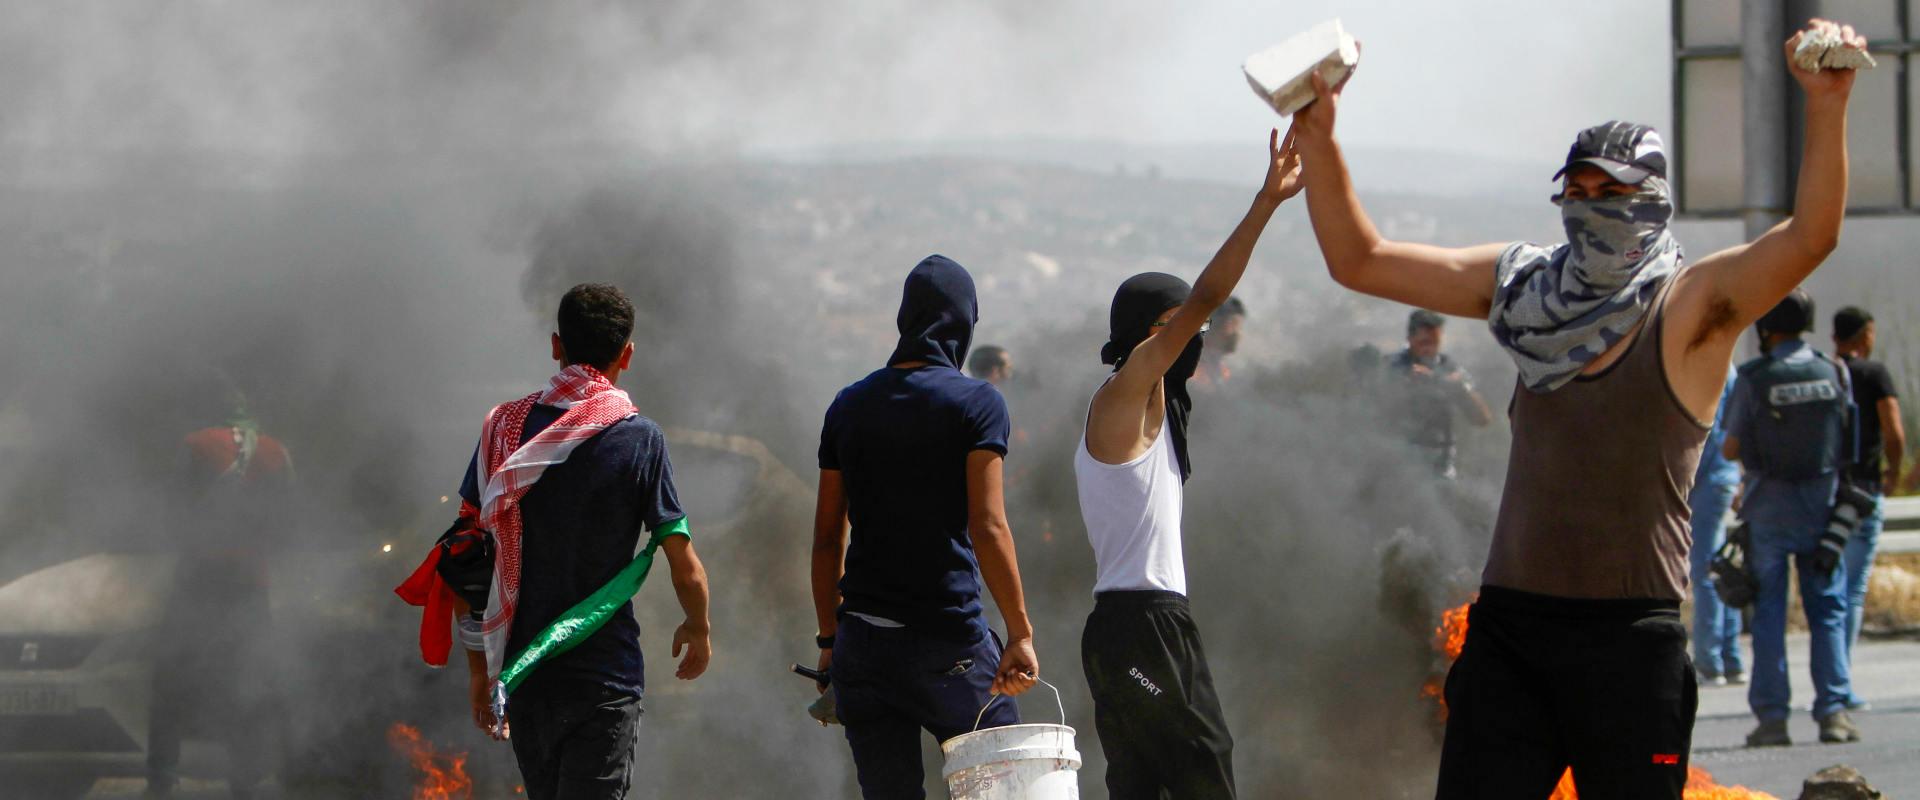 מתפרעים פלסטינים במחסום חווארה, השבוע